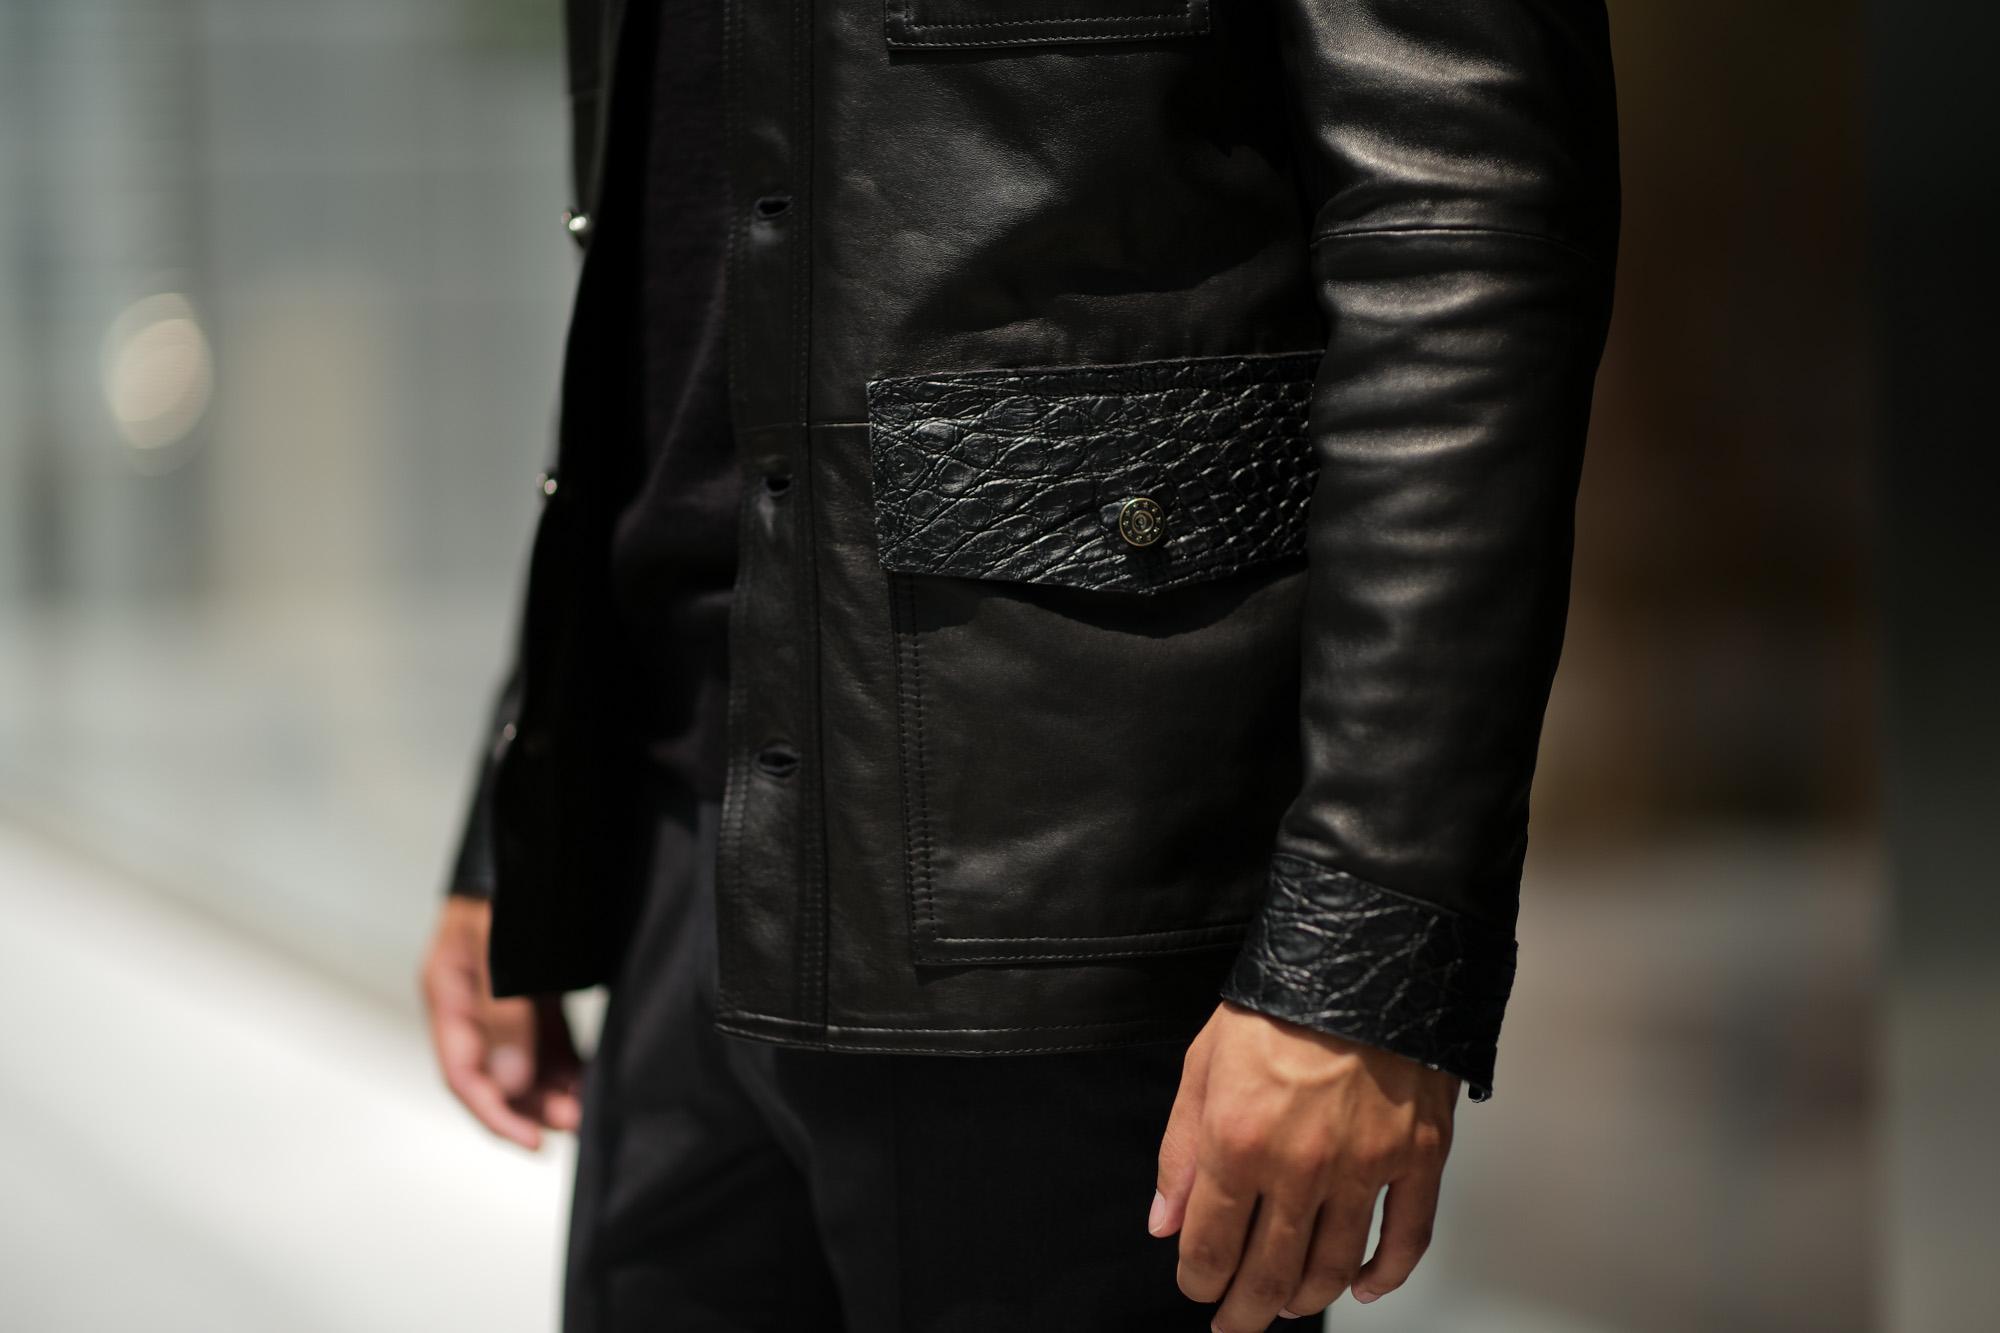 EMMETI (エンメティ) JAXON COCCODRILLO (ジャクソン コッコドリッロ) Lambskin Nappa Leather × Crocodile Leather ラムナッパレザー × クロコダイルレザー ジャケット NERO (ブラック・190/1) Made in italy (イタリア製) 2018 秋冬 【ご予約受け付け中】 emmeti エンメティ 愛知 名古屋 Alto e Diritto アルト エ デリット